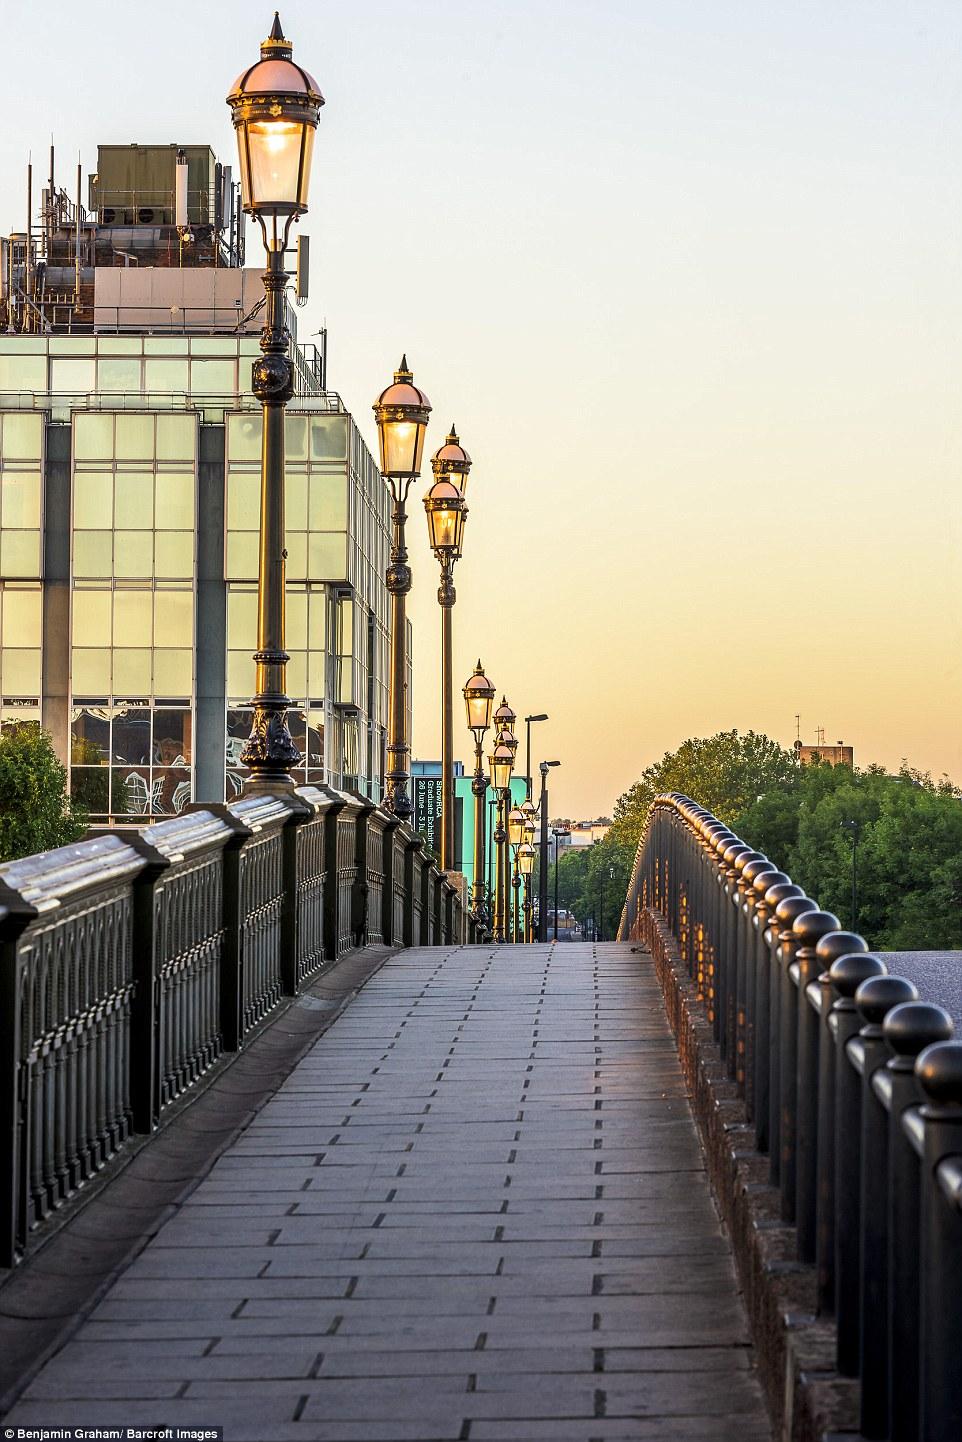 Εκπληκτικές εικόνες από το άδειο Λονδίνο την αυγή! - Φωτογραφία 10